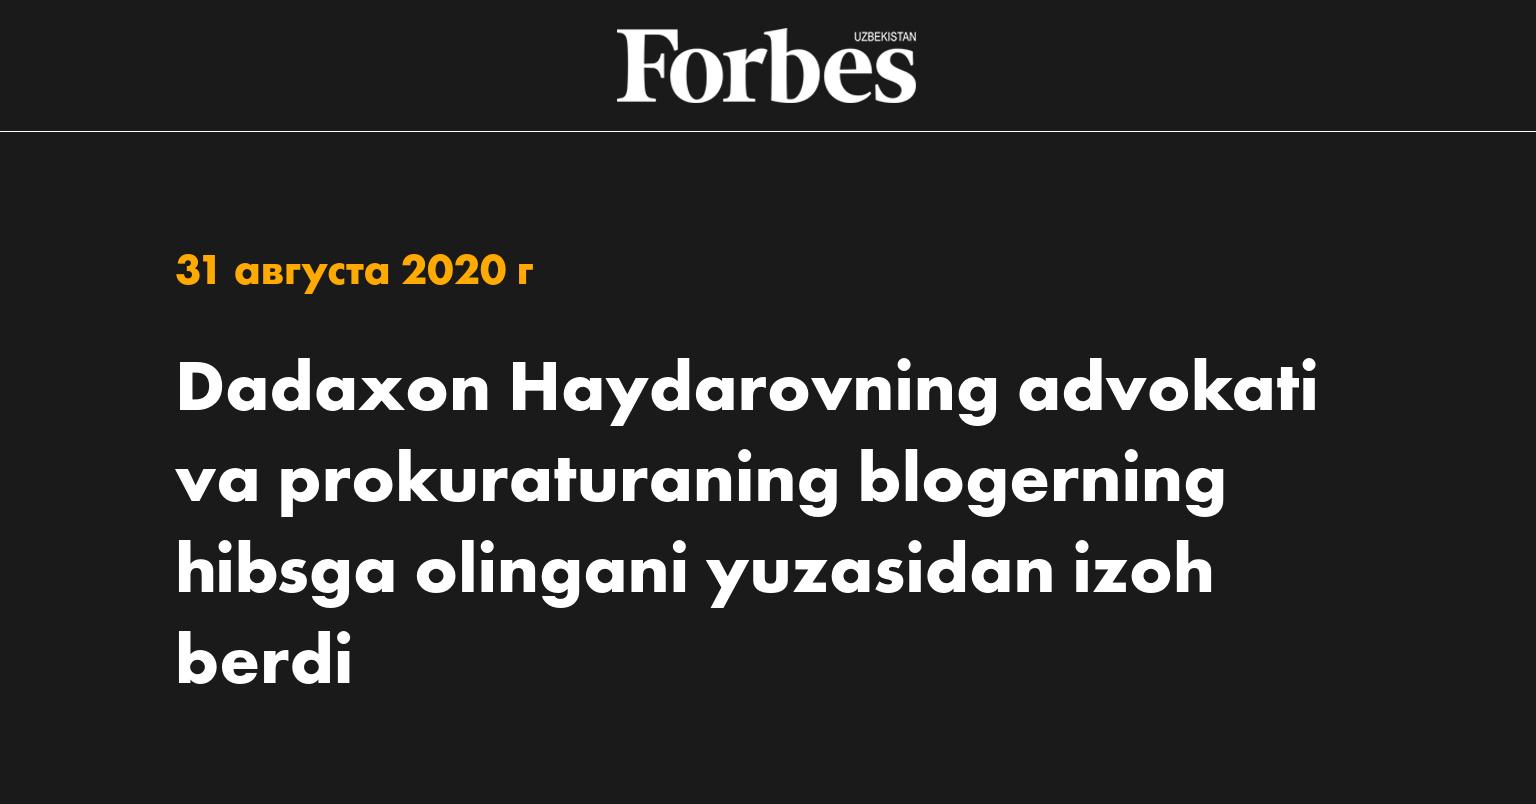 Dadaxon Haydarovning advokati va prokuraturaning blogerning hibsga olingani yuzasidan izoh berdi